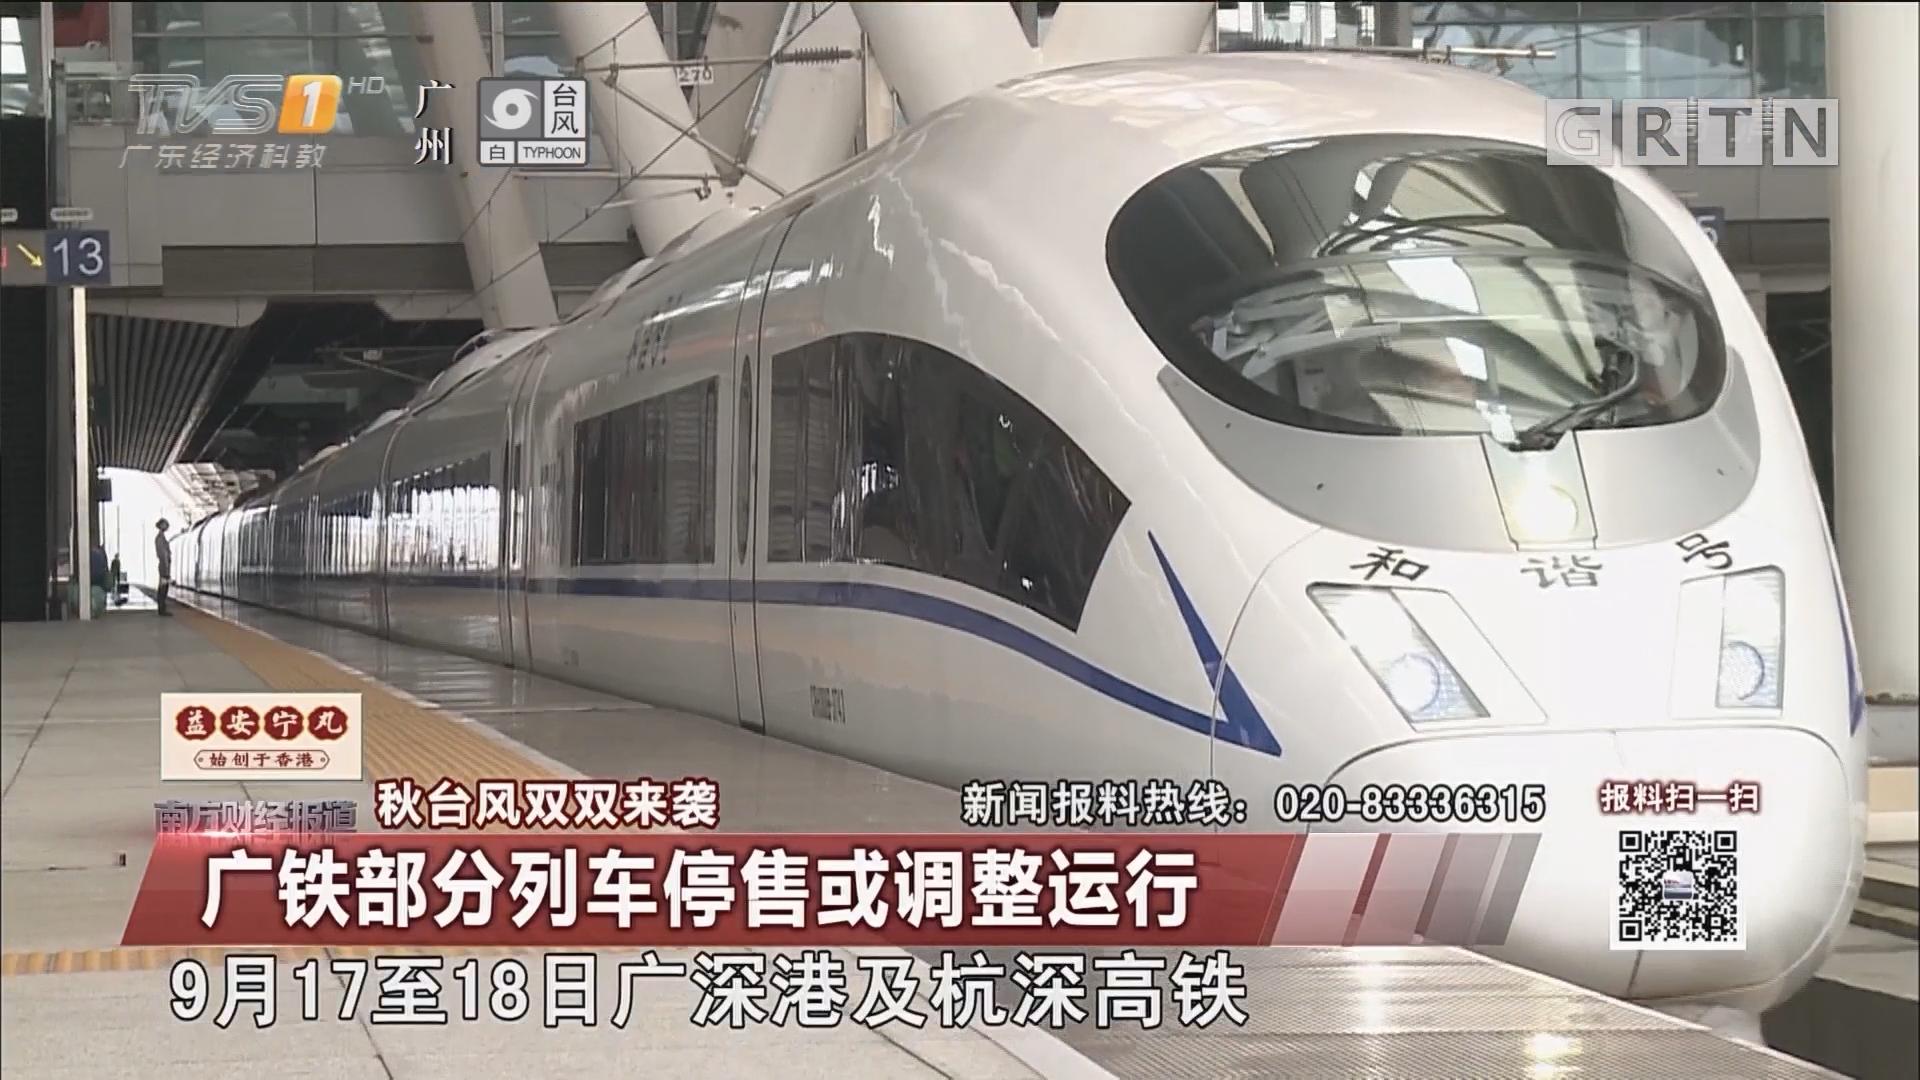 秋台风双双来袭:广铁部分列车停售或调整运行